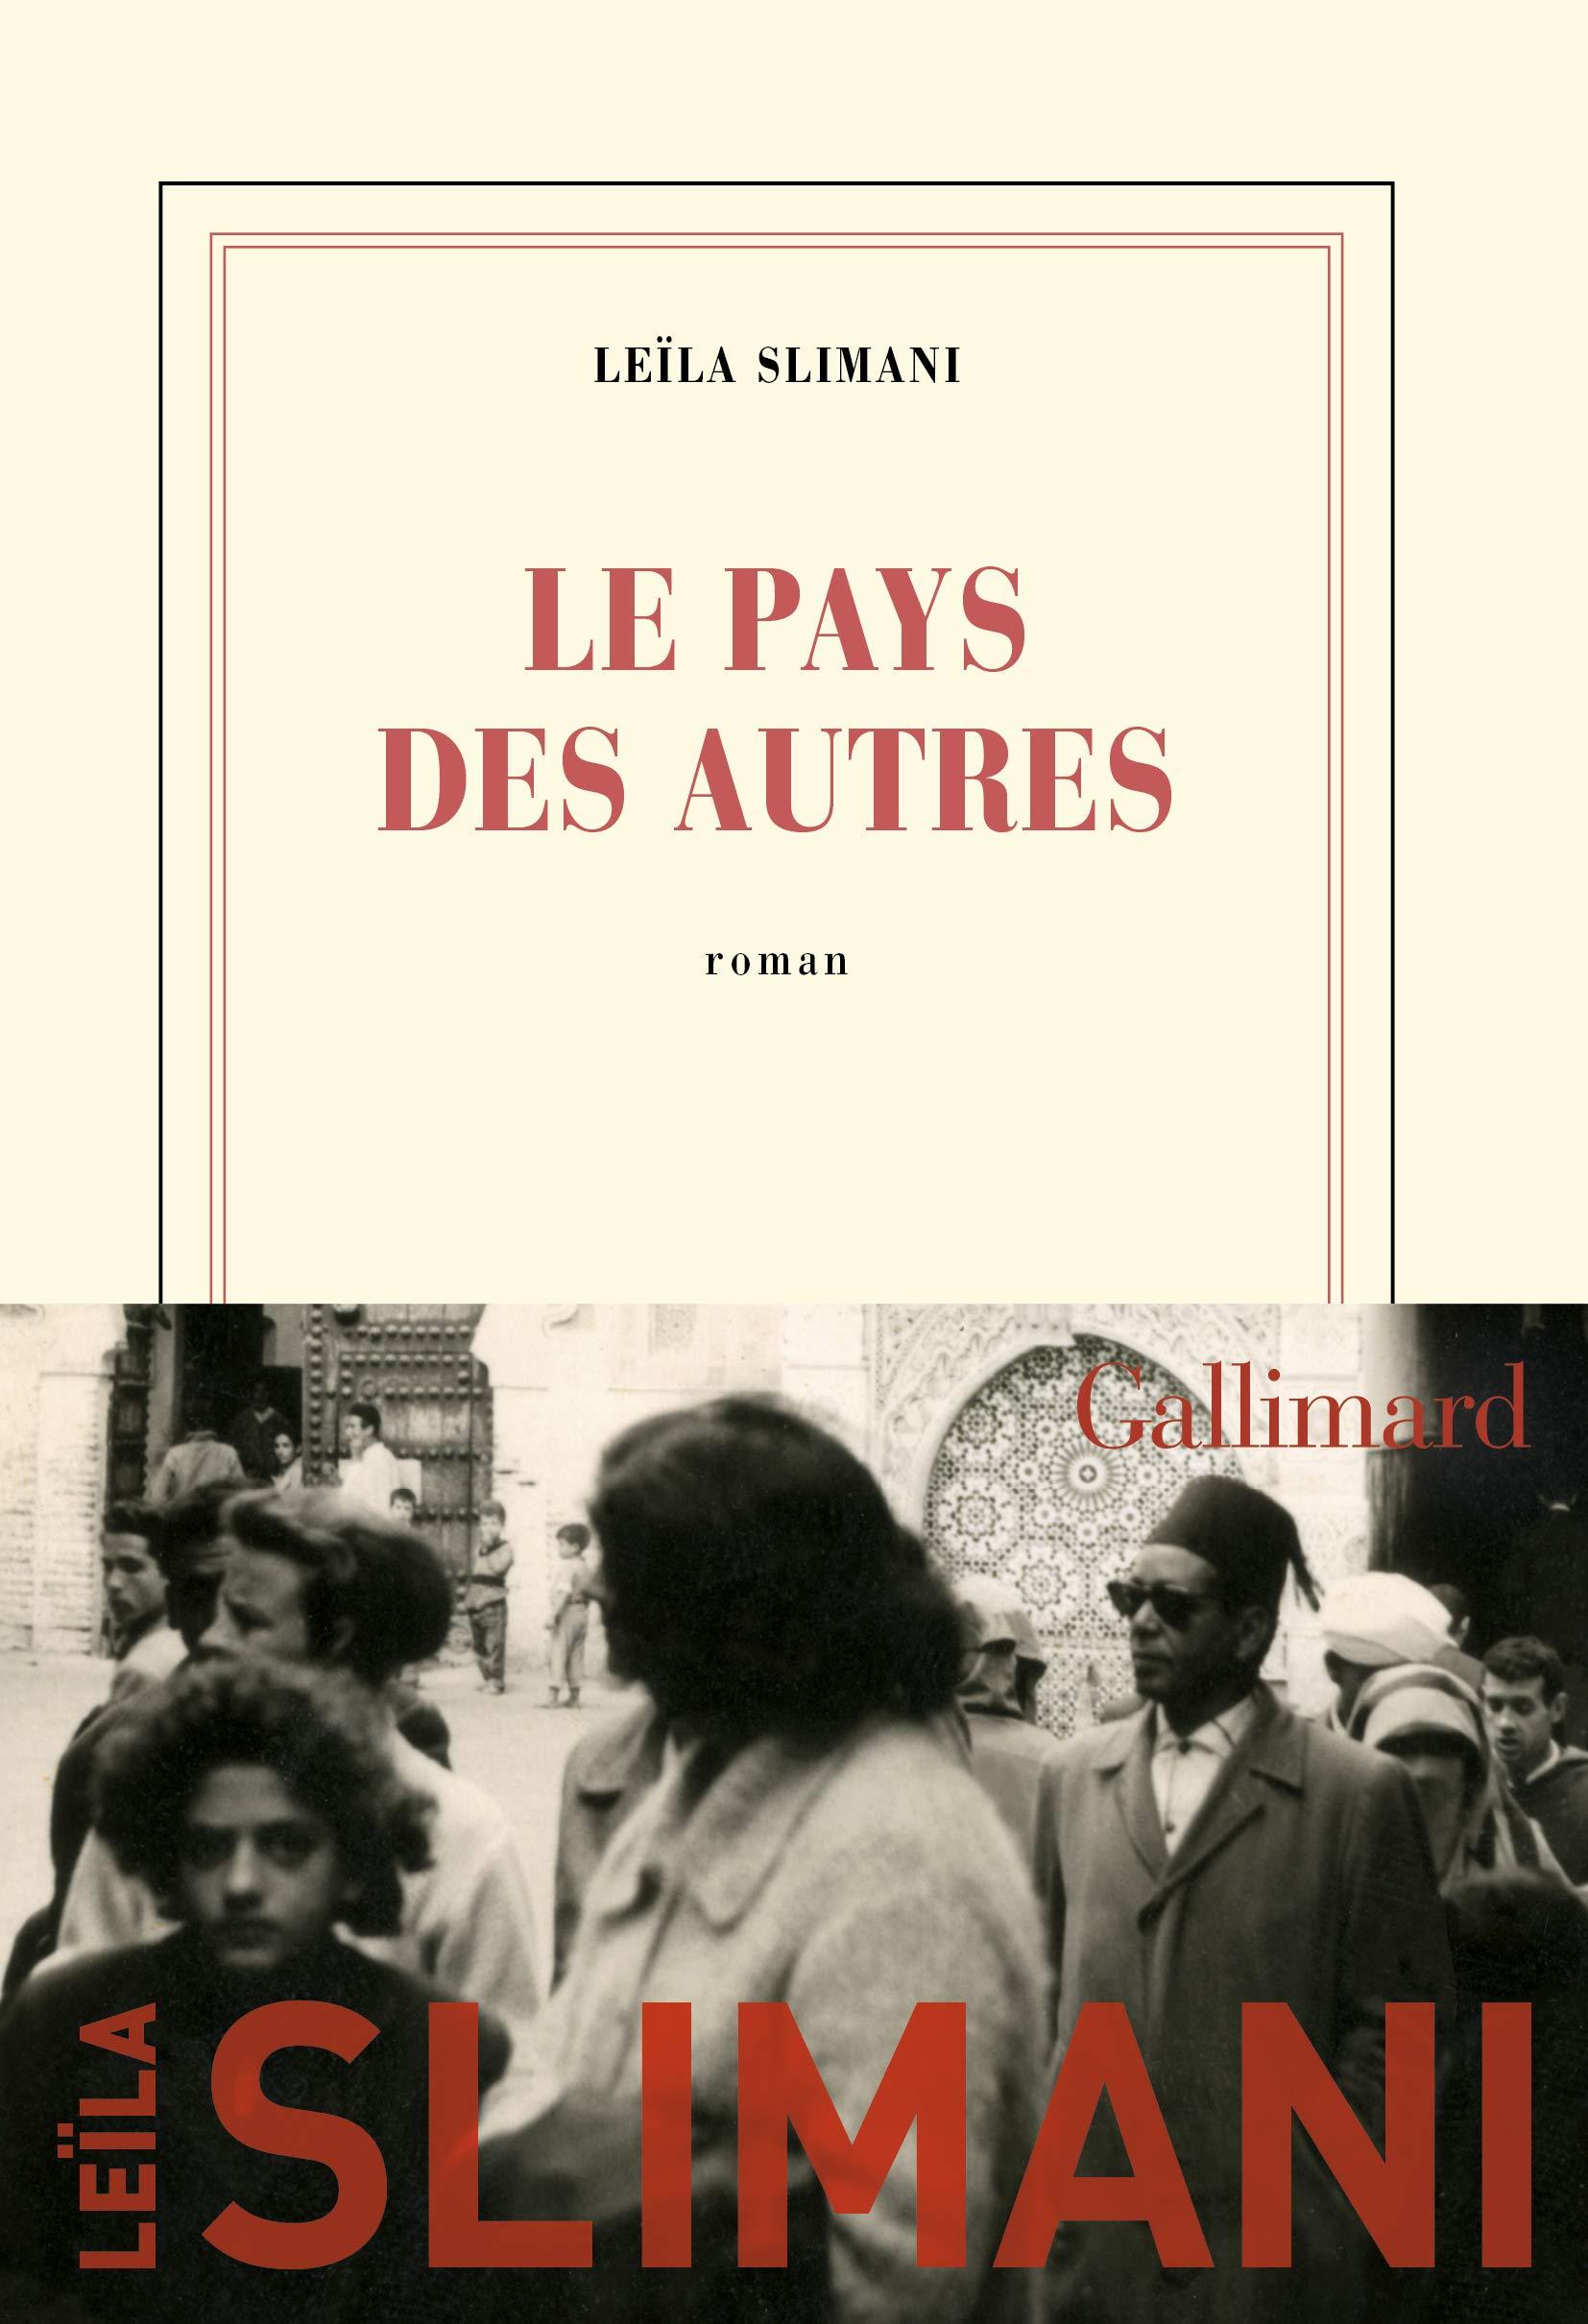 Amazon.fr - Le pays des autres - Slimani, Leïla - Livres